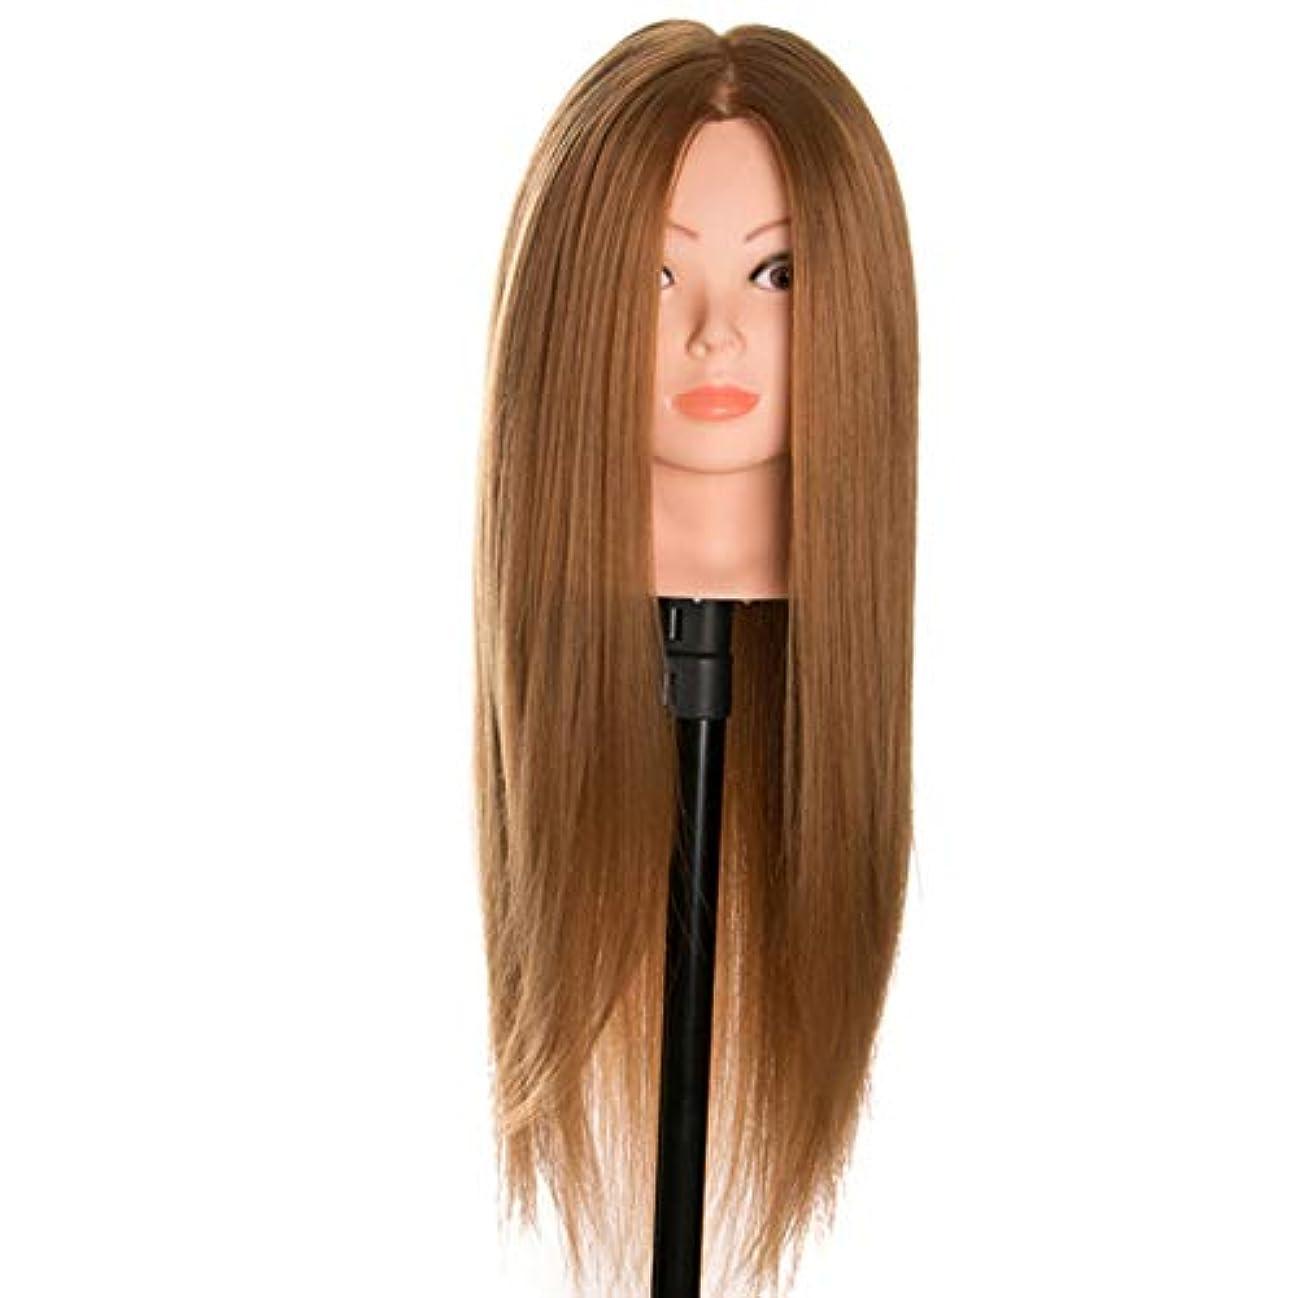 革命的腐敗チケットメイクディスクヘアスタイリング編み教育ダミーヘッド理髪ヘアカットトレーニングかつらサロンエクササイズヘッド金型3個